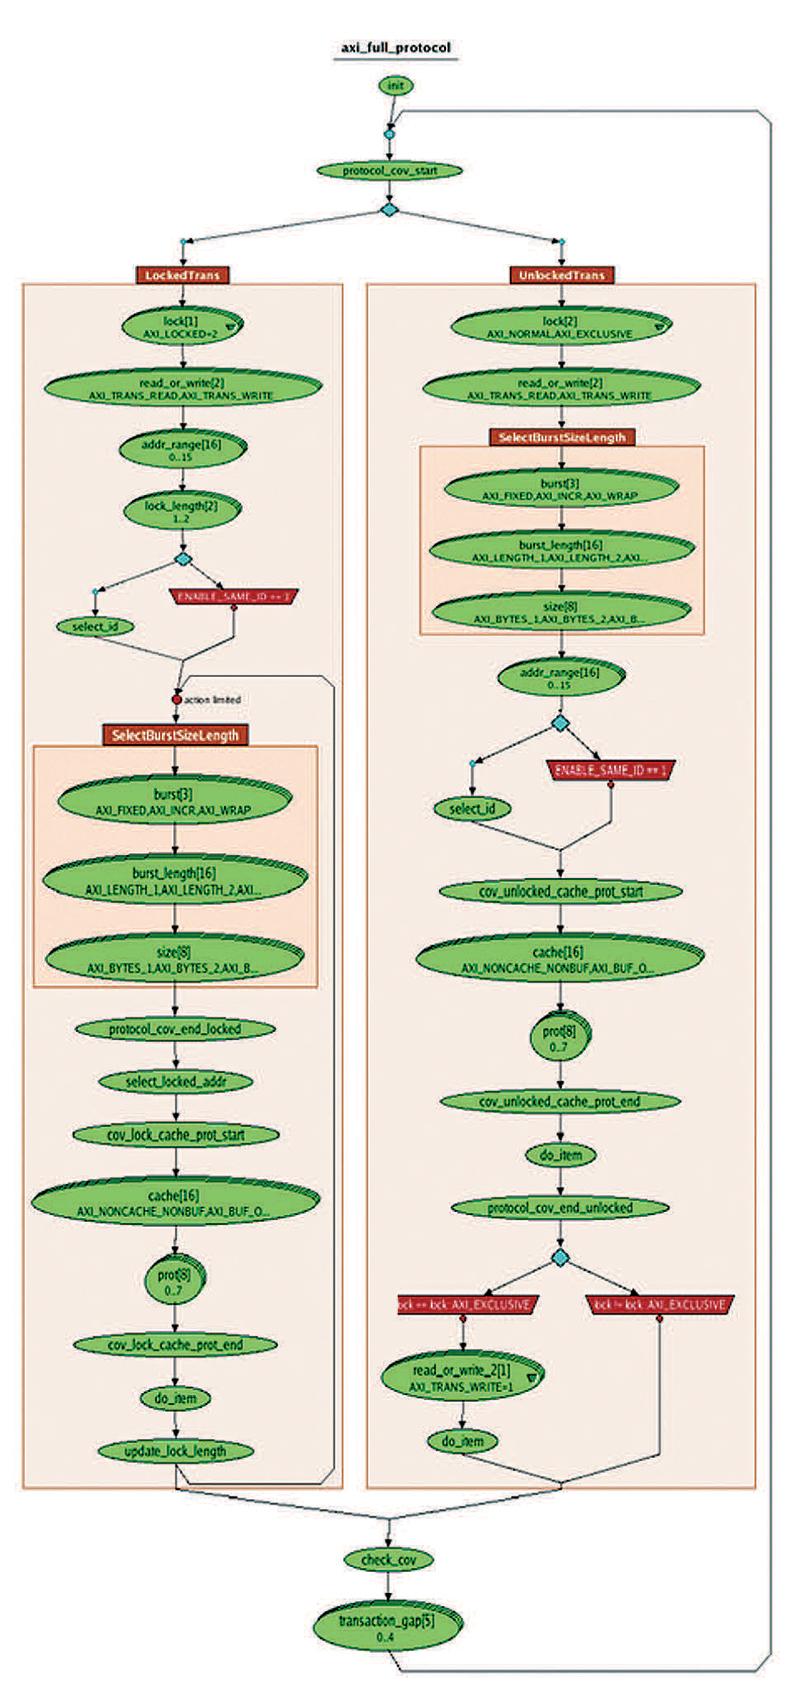 Figure 3 – Protocol Graph